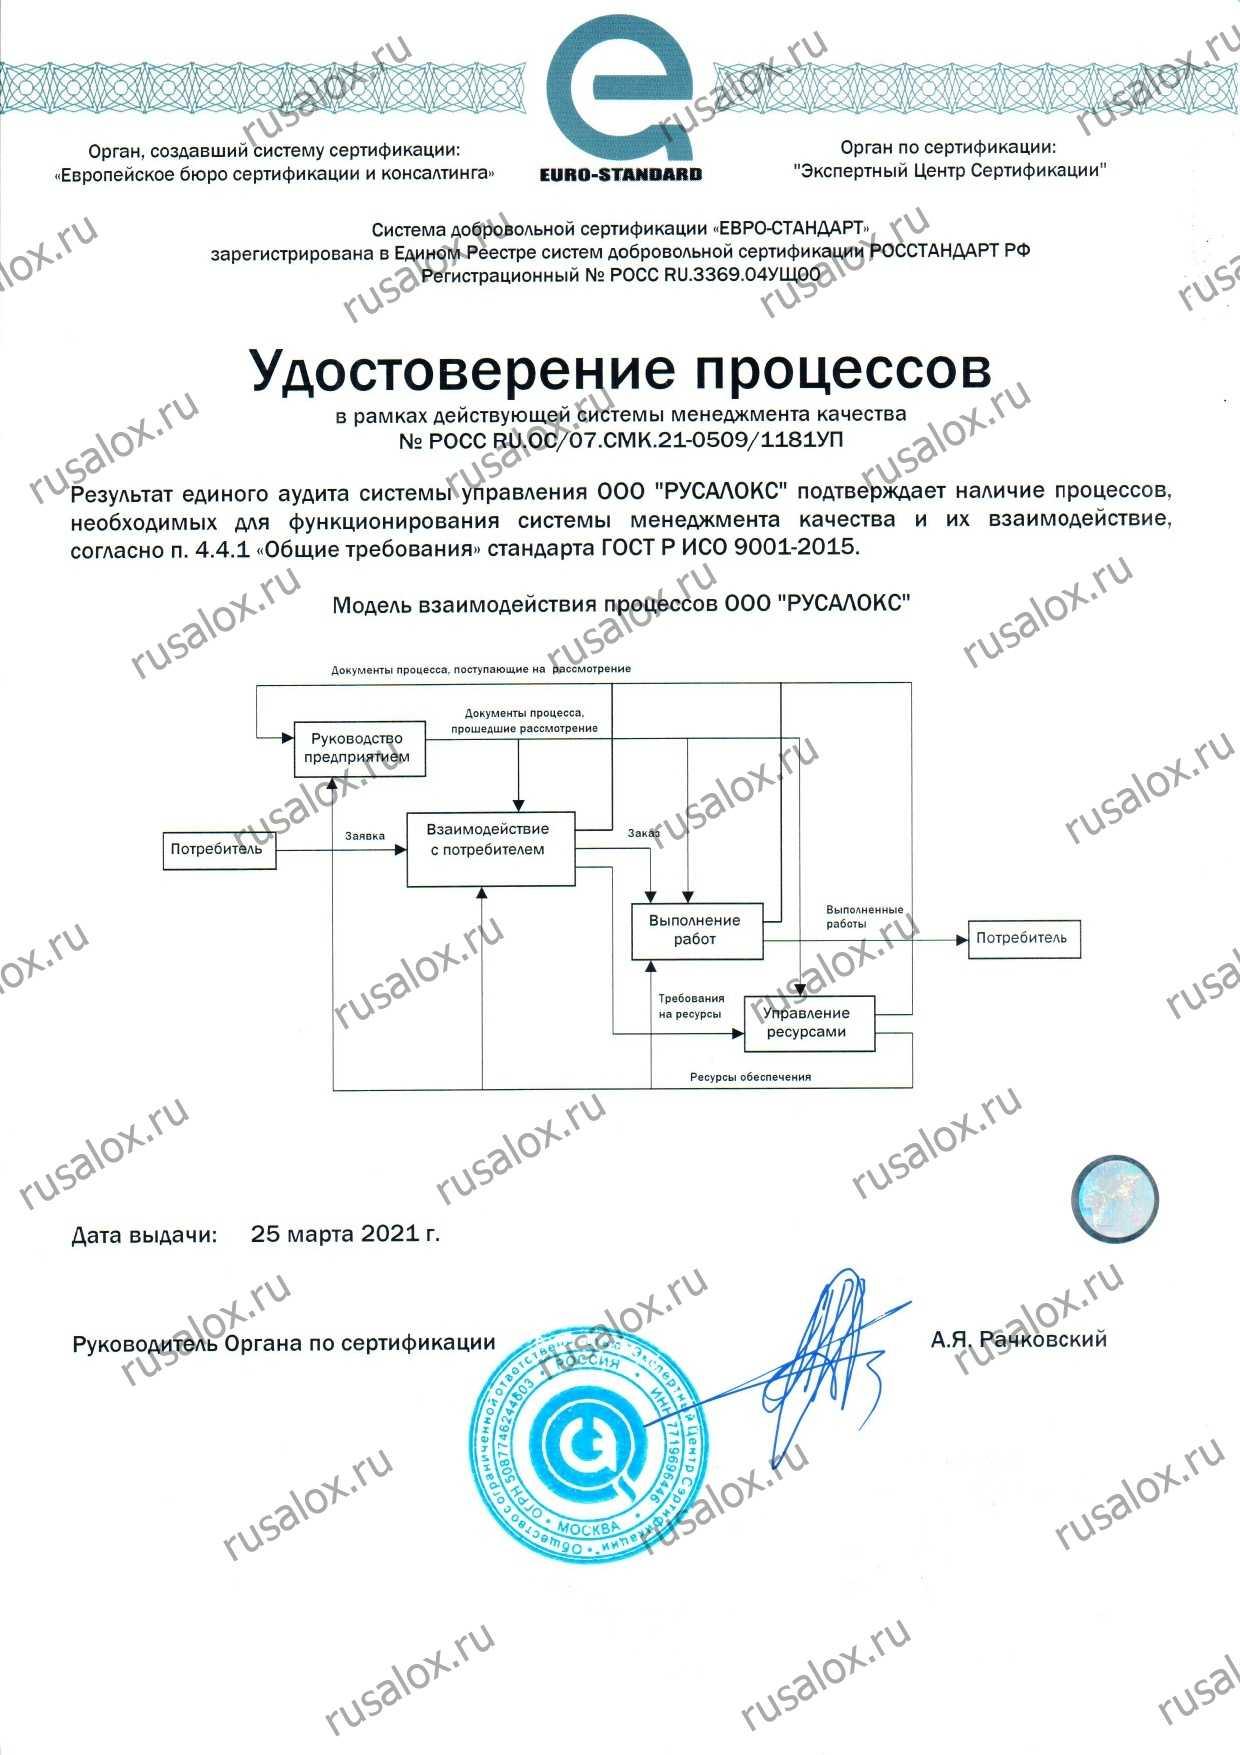 Удостоверение процессов согласно ISO 9001:2015 (ГОСТ Р ИСО 9001 -2015)